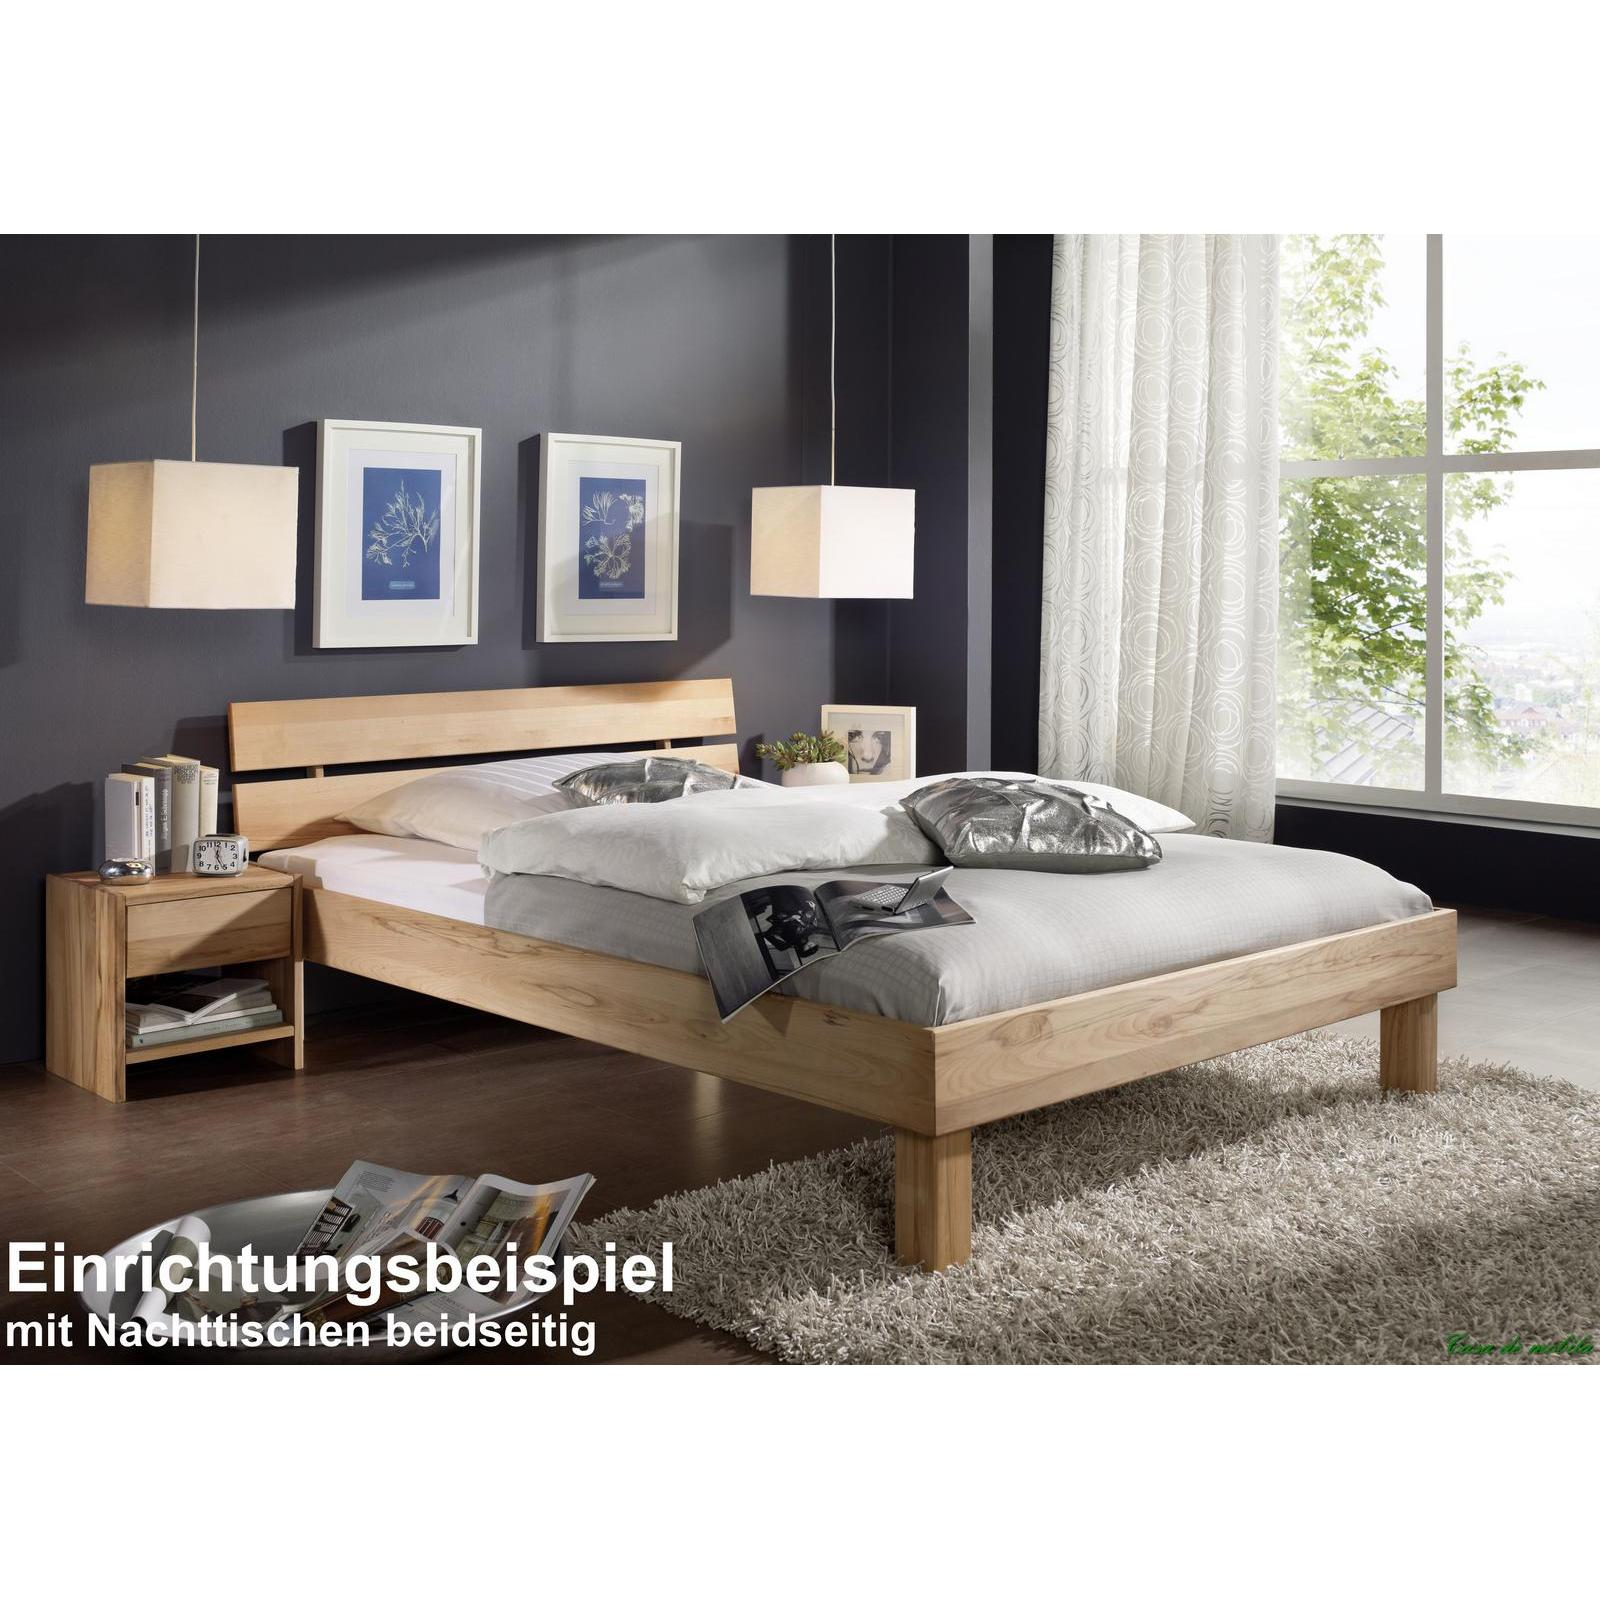 Einzelbett mit schubladen buche  Massivholz bett mit schubladen buche massiv CAMPINO - 90x200, 2 ...